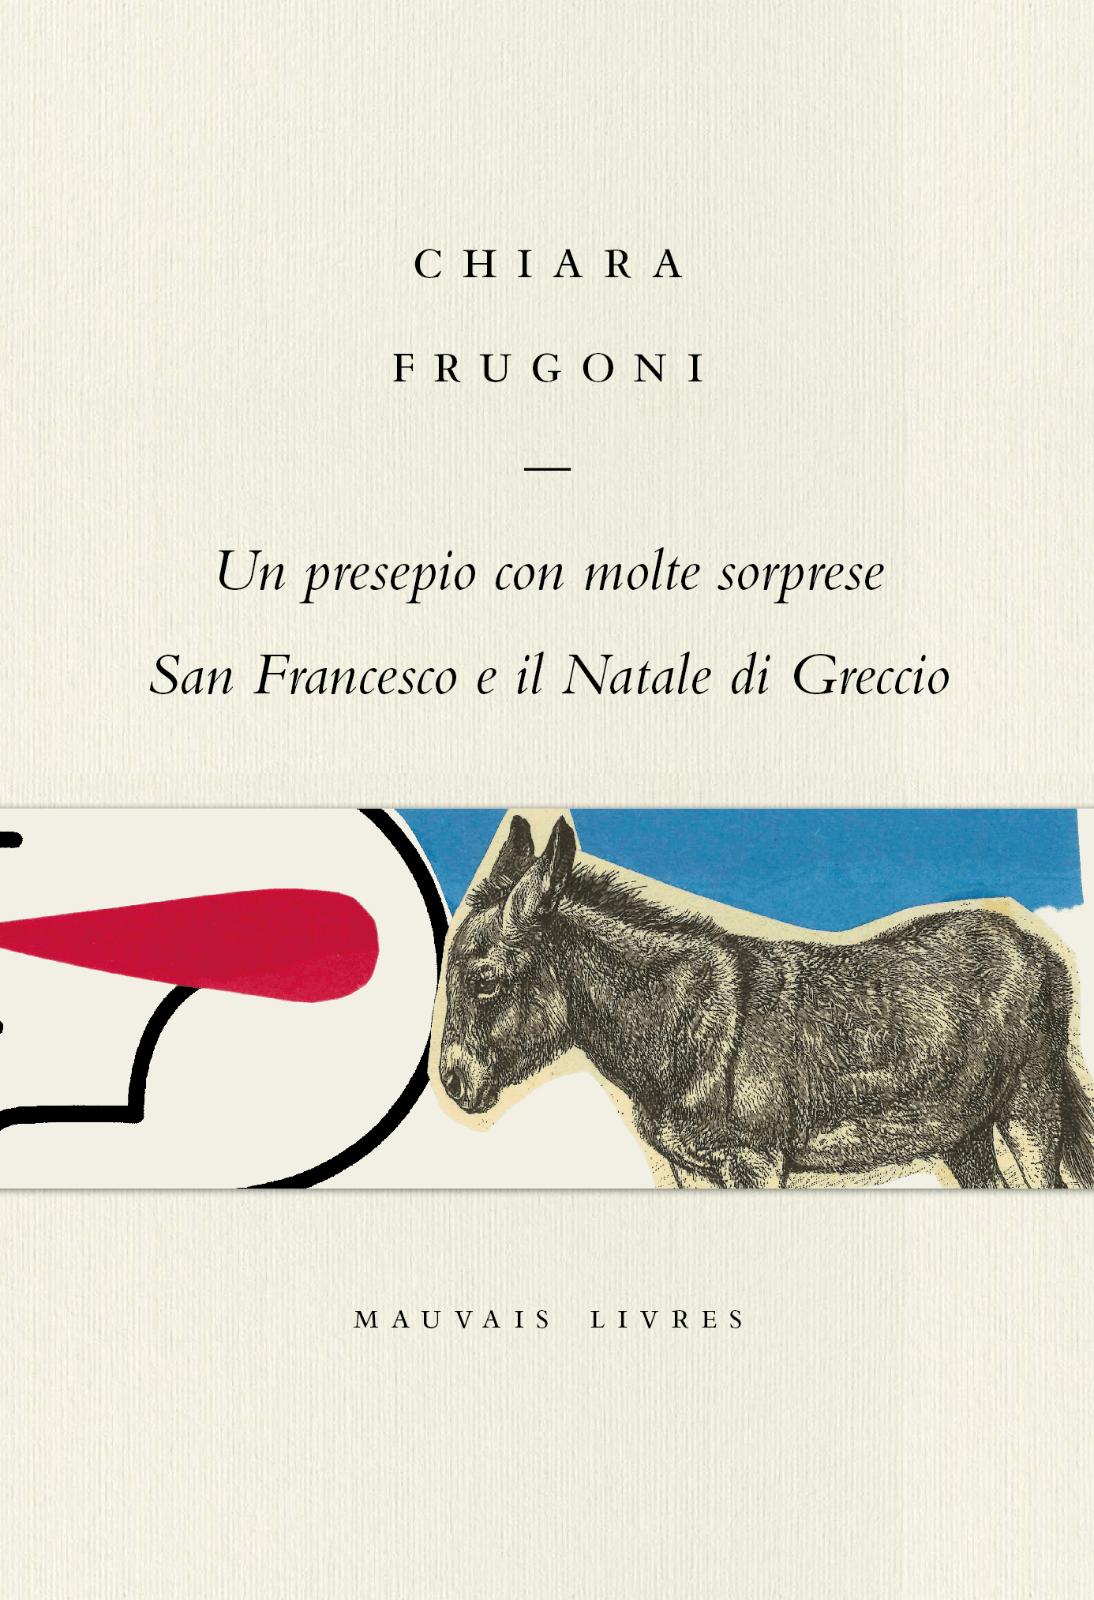 """""""Un presepio con molte sorprese"""" di Chiara Frugoni (Mauvais Livres, 2020): ovvero i misteri di San Francesco d'Assisi"""